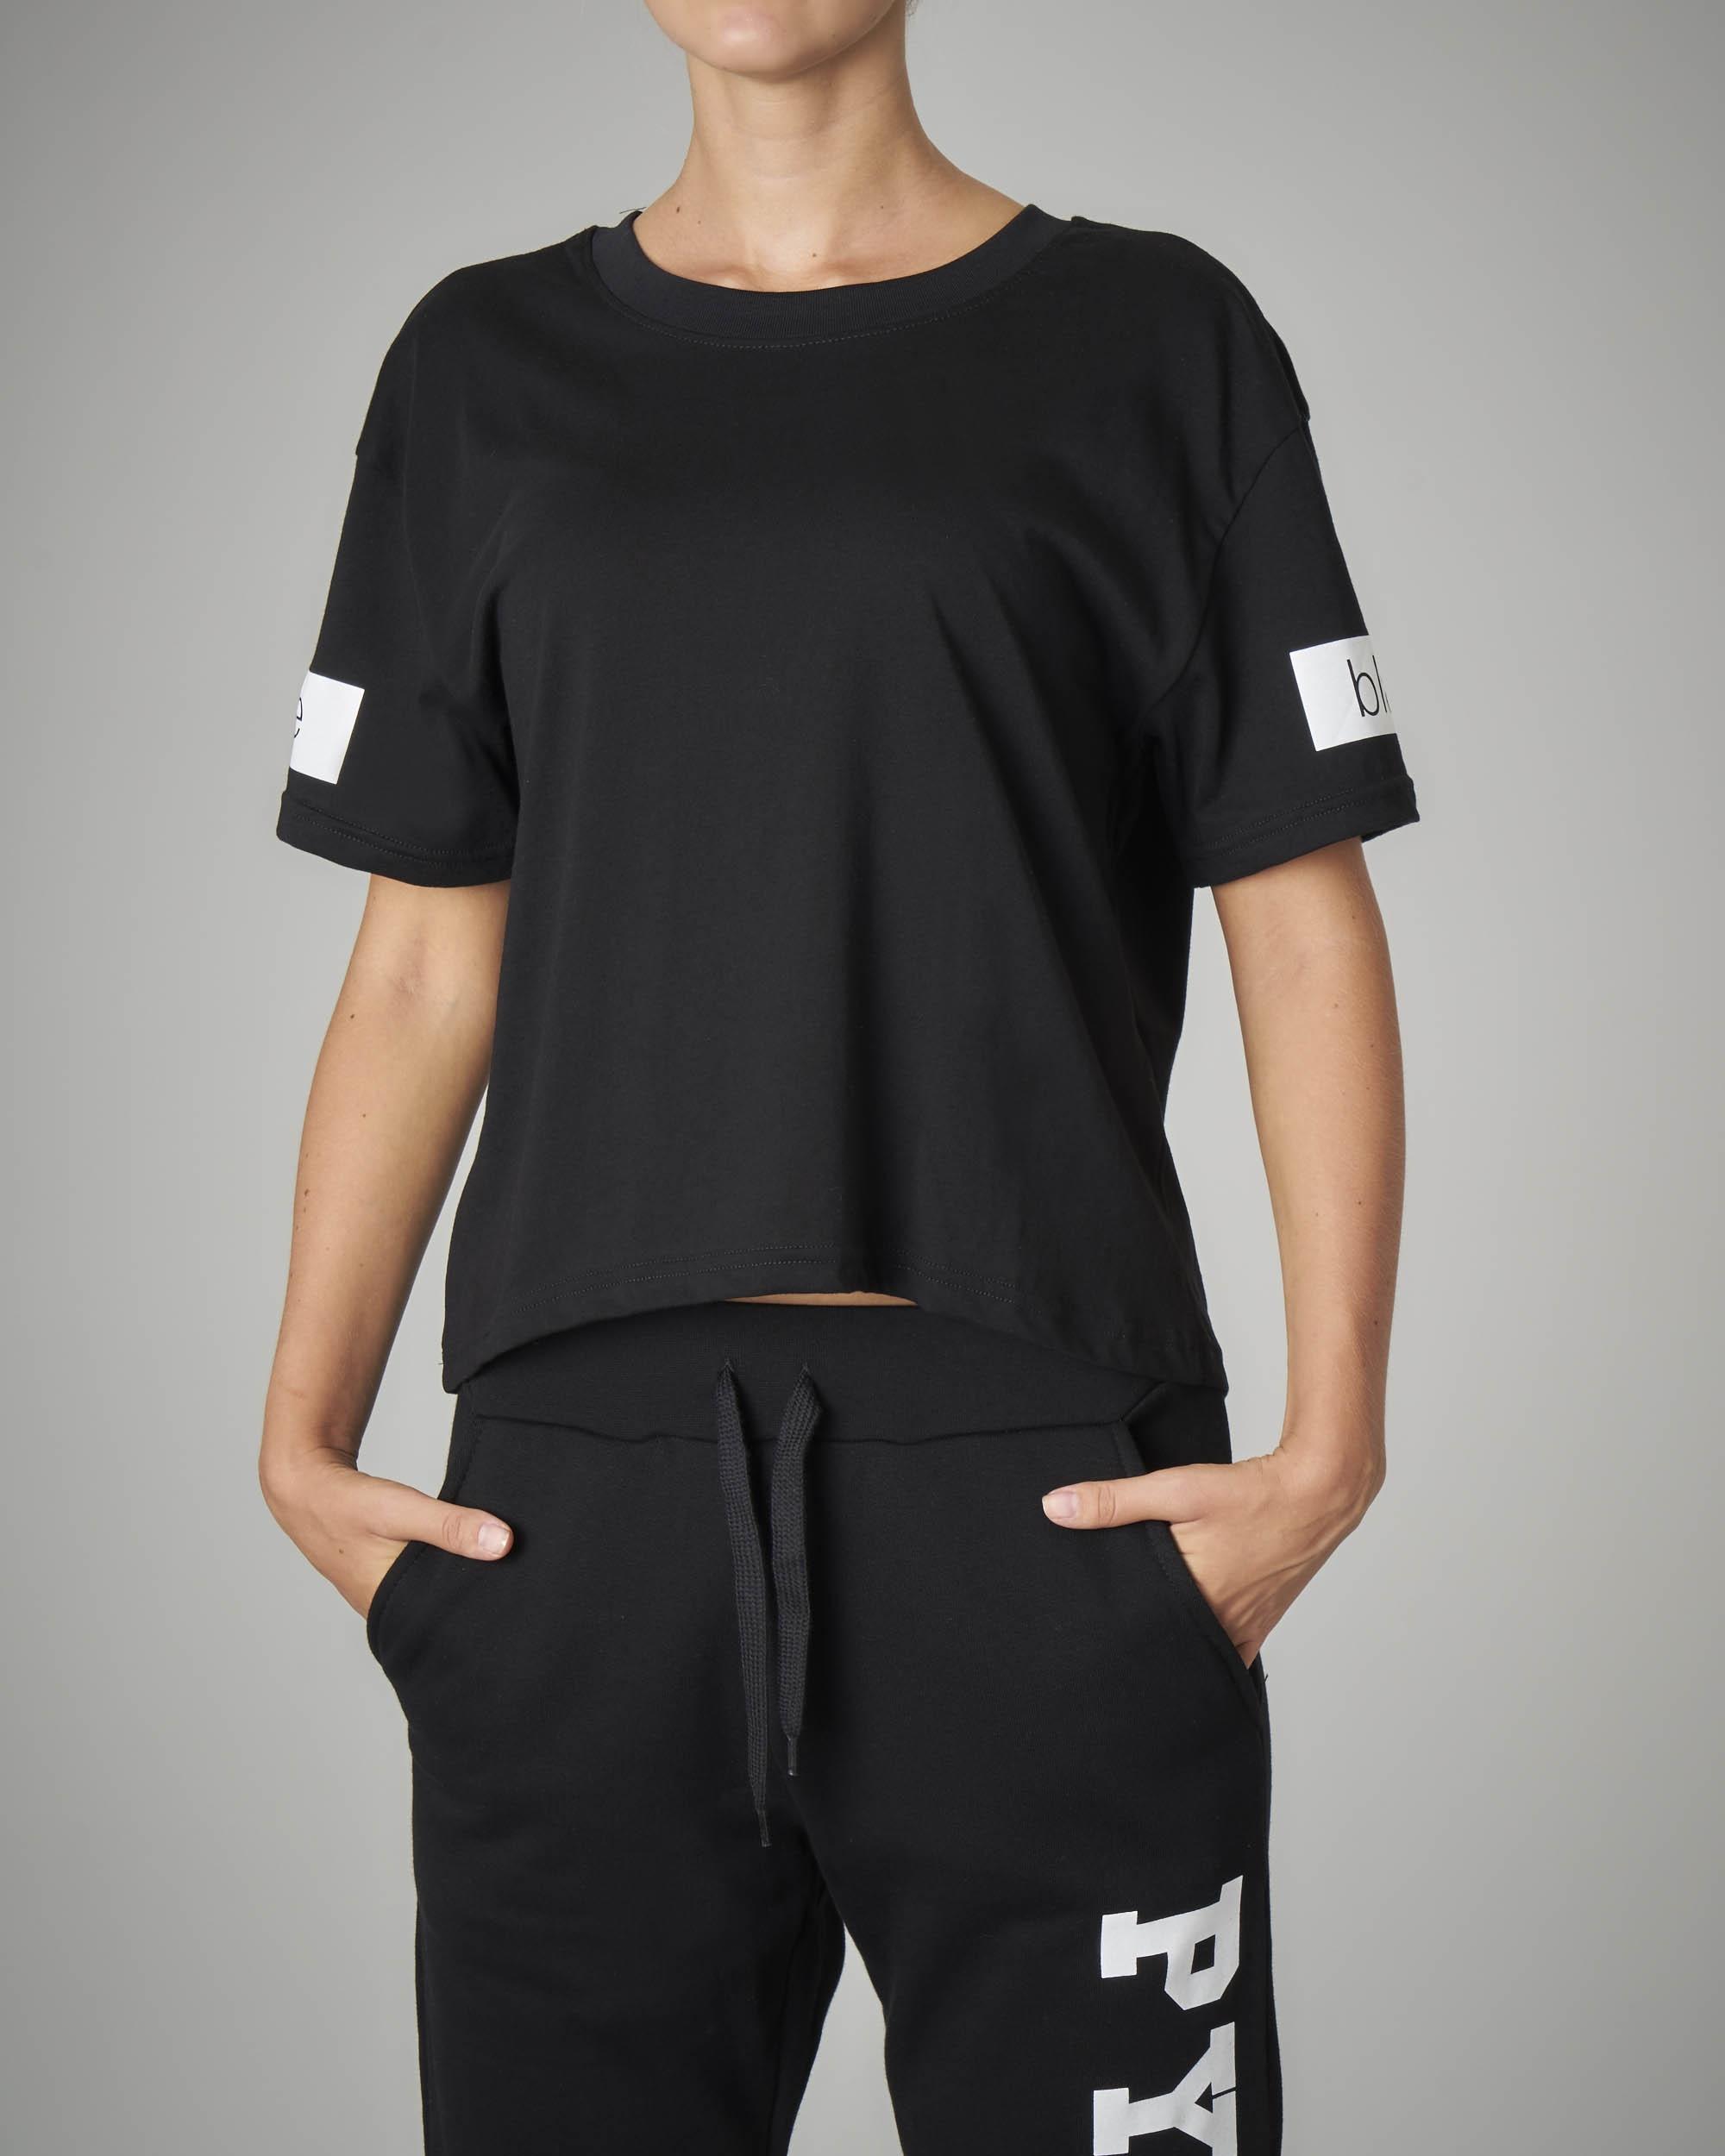 T-shirt crop nera con logo sulla schiena